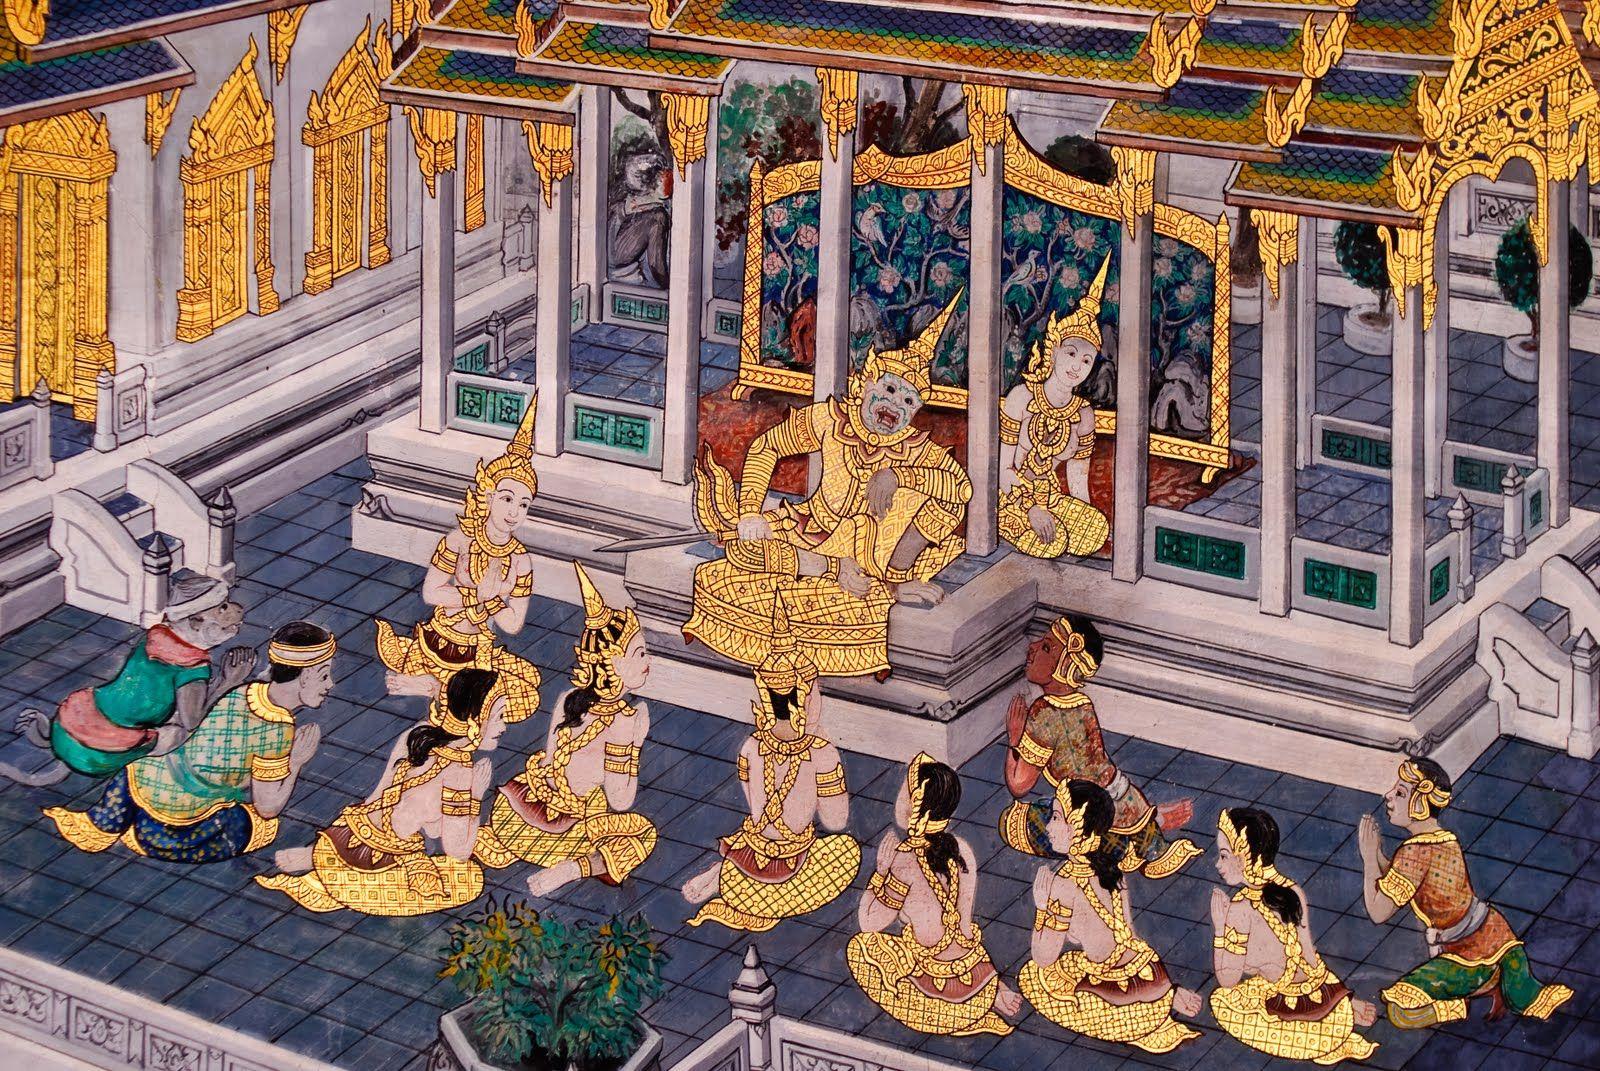 Asiatische Gartendeko Frisch Ministers Smaller Confident but Bows Down to Ravana